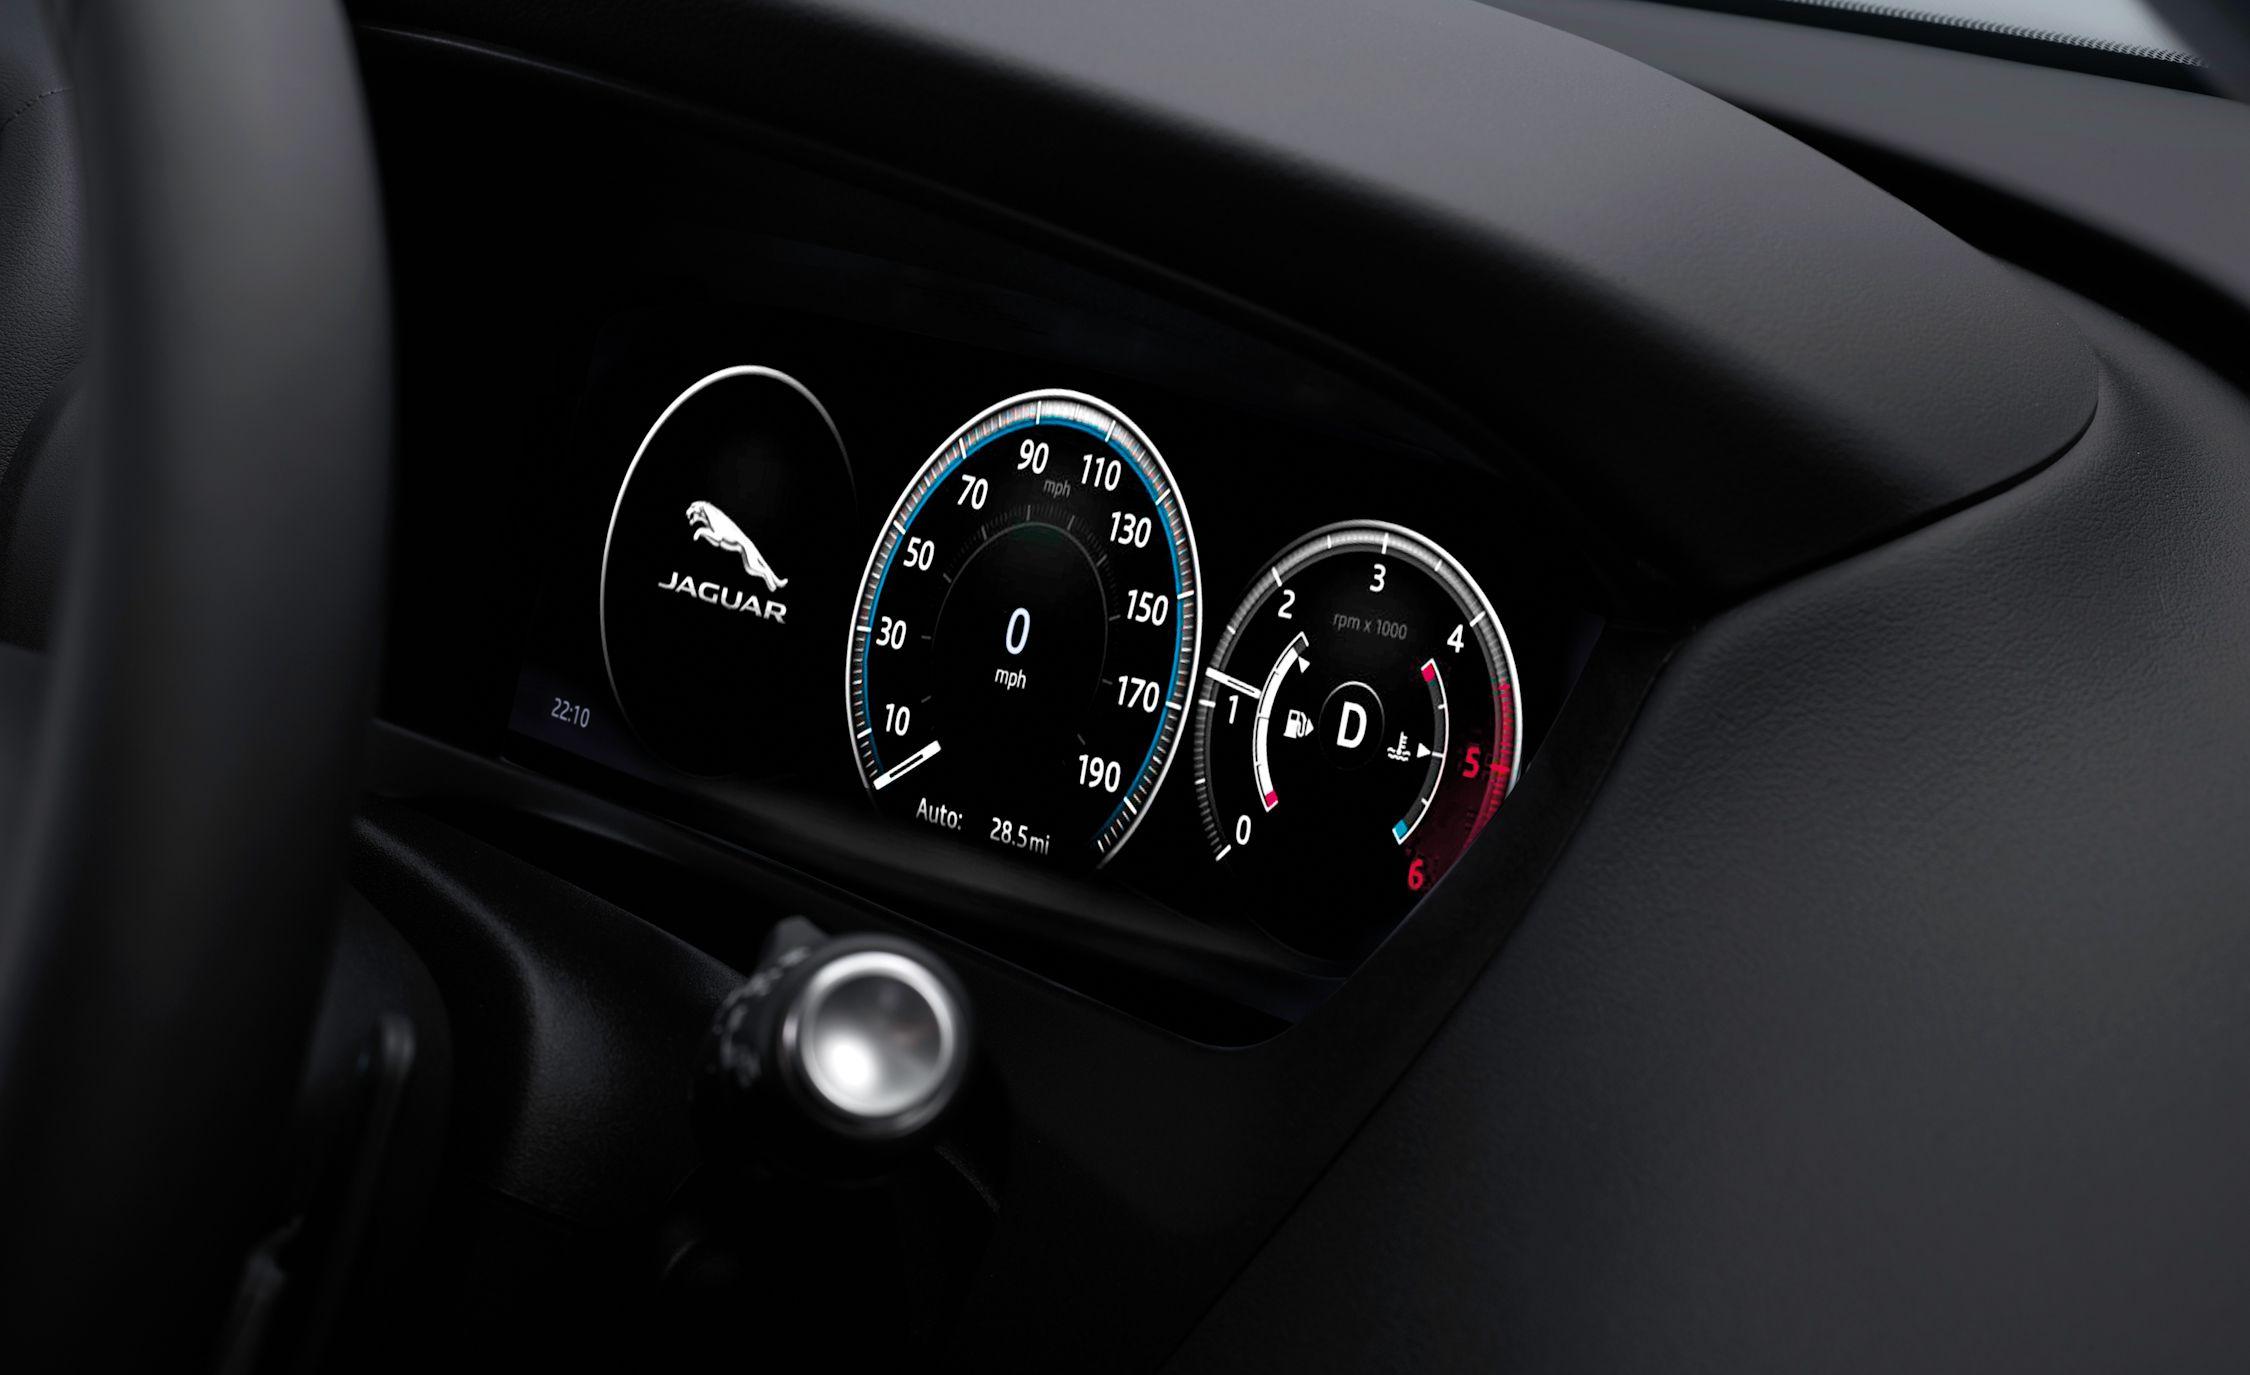 2019 Jaguar F Pace Reviews Jaguar F Pace Price Photos And Specs